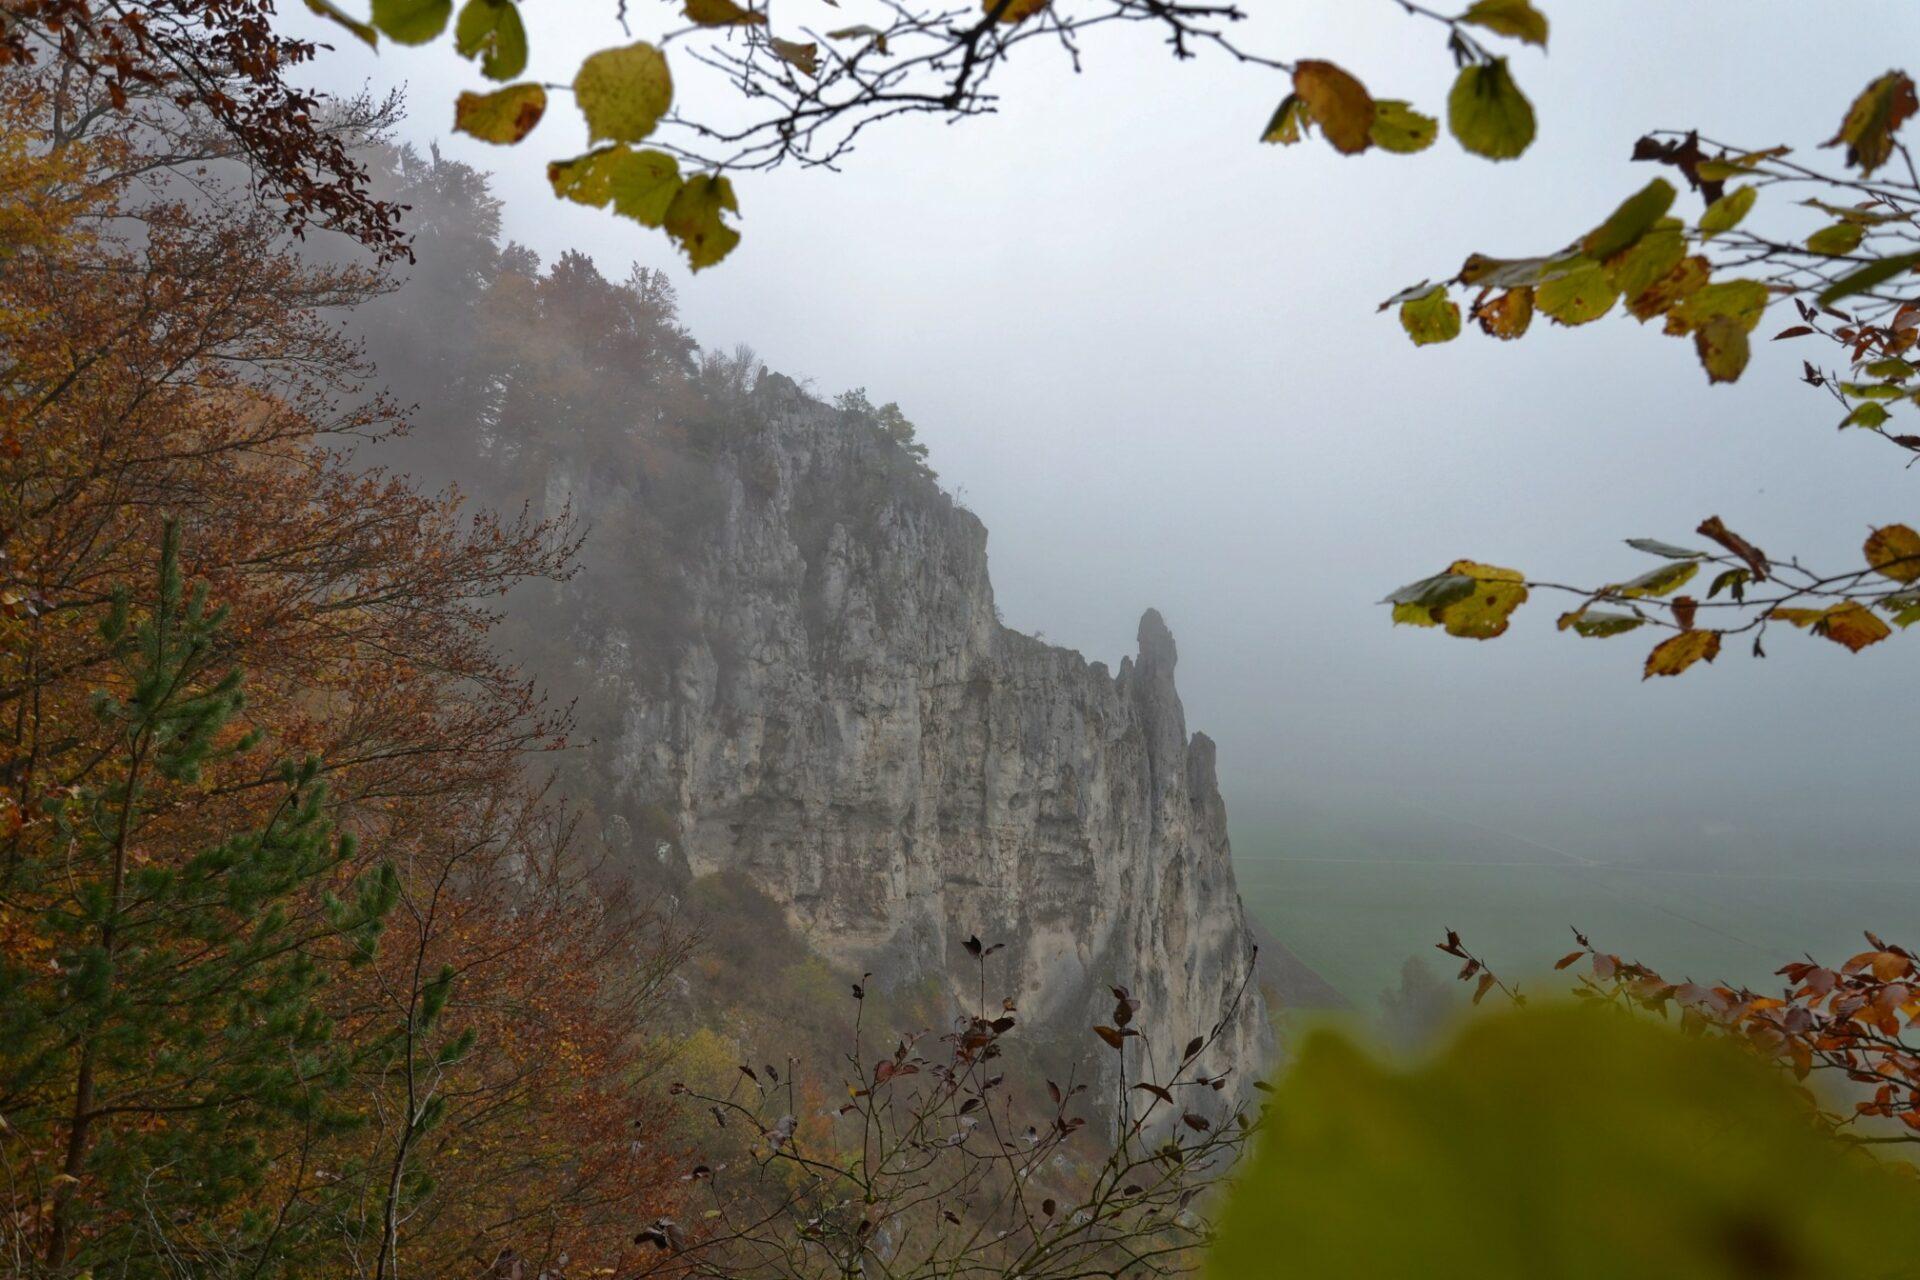 Der Dohlenfelsen im Nebel